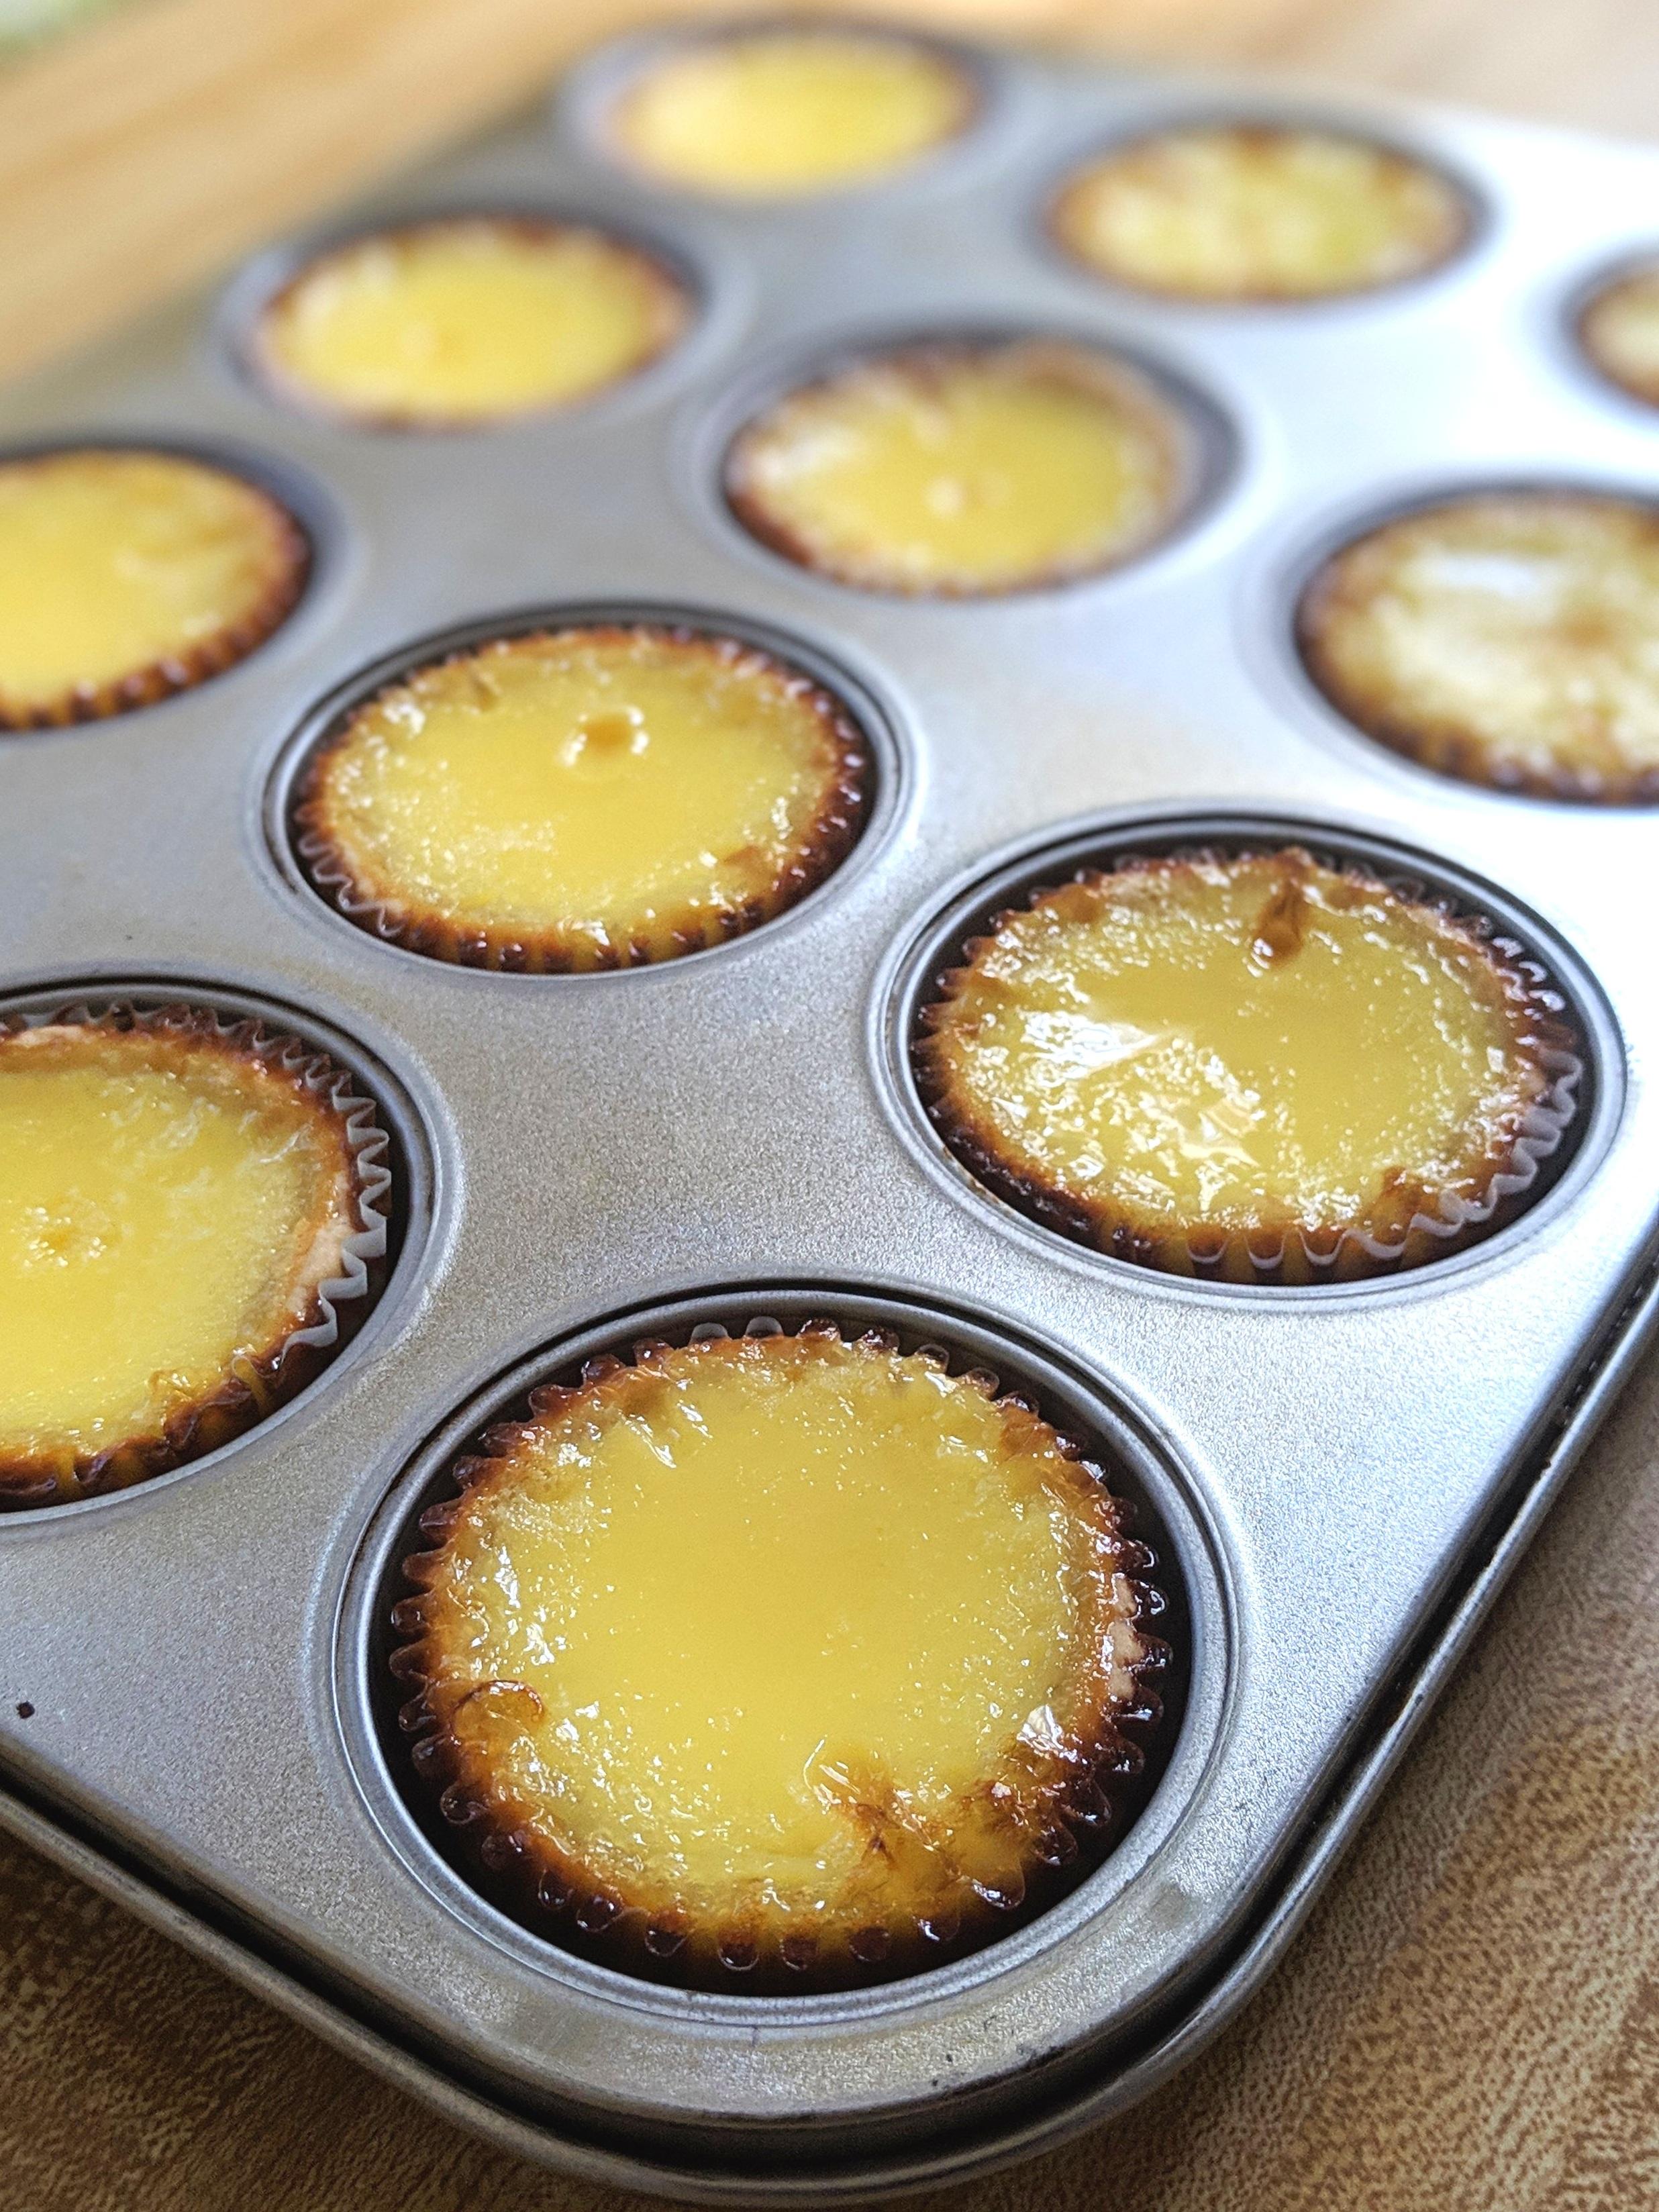 FoodPic_Egg+tarts+dozen+of+them